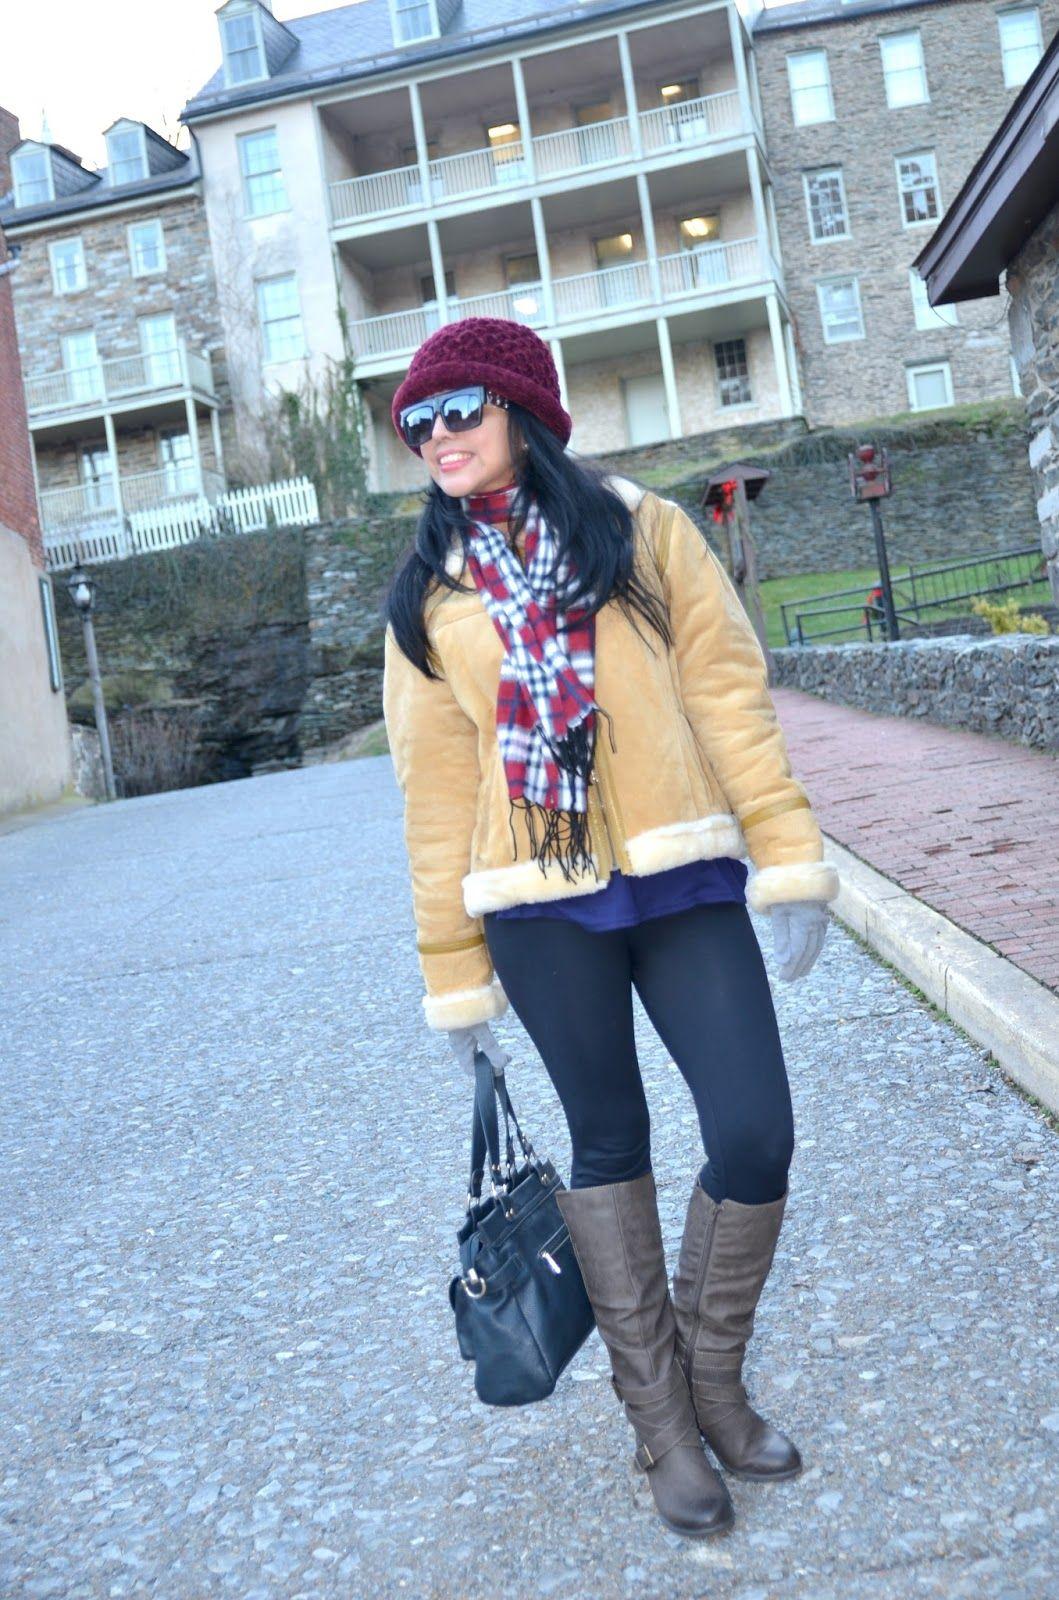 Cuadros, Leggings y un Sombrero #Moda #ootd #lookbook #style ...